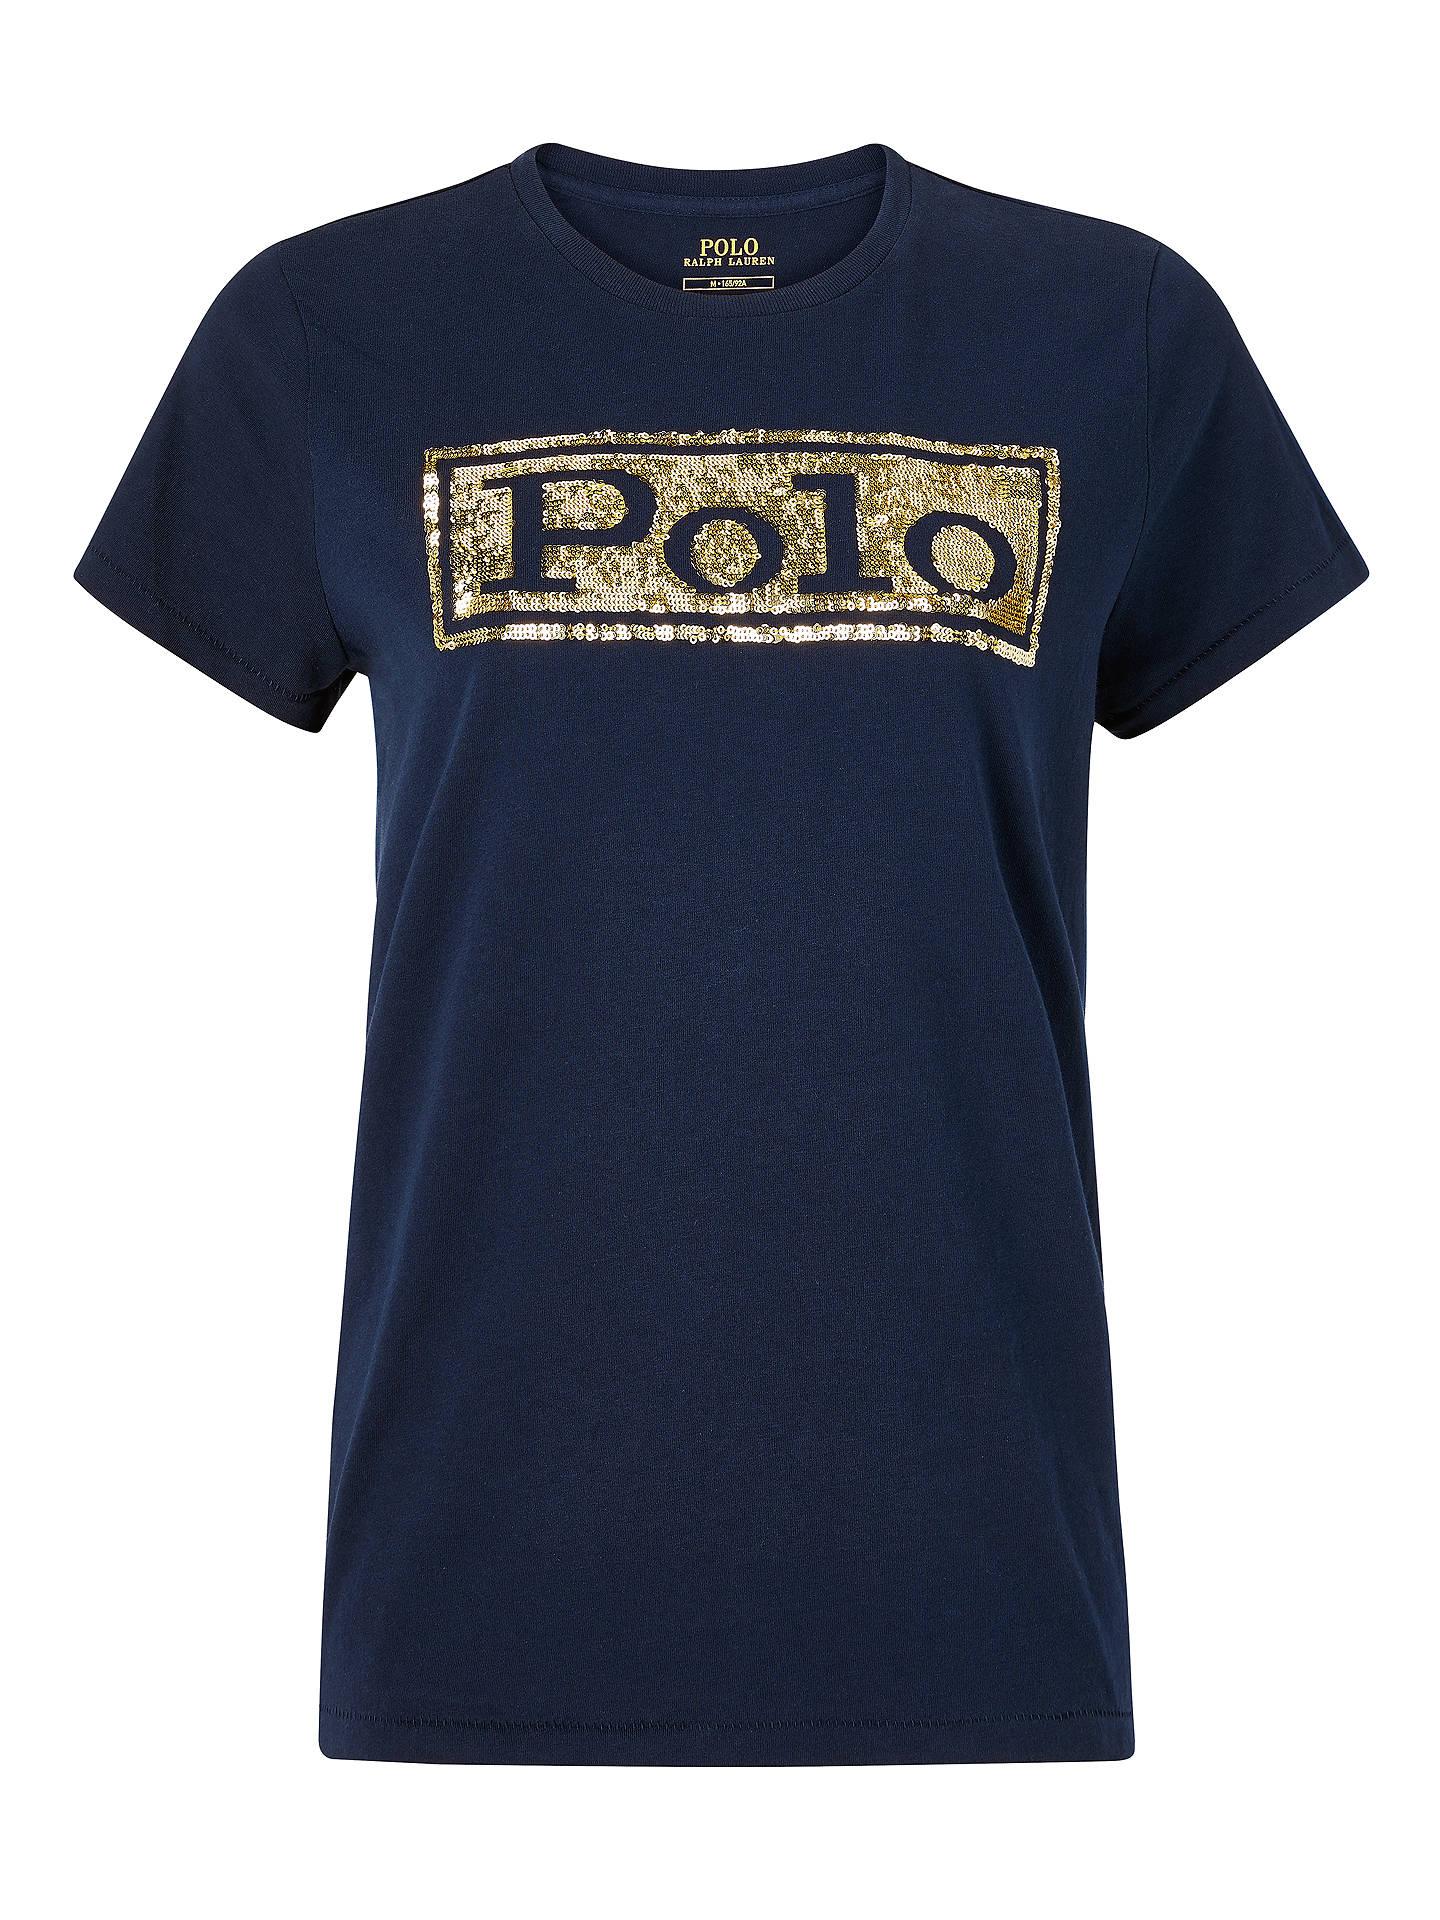 6e1dd5a066fb Buy Polo Ralph Lauren Sequin Logo T-Shirt